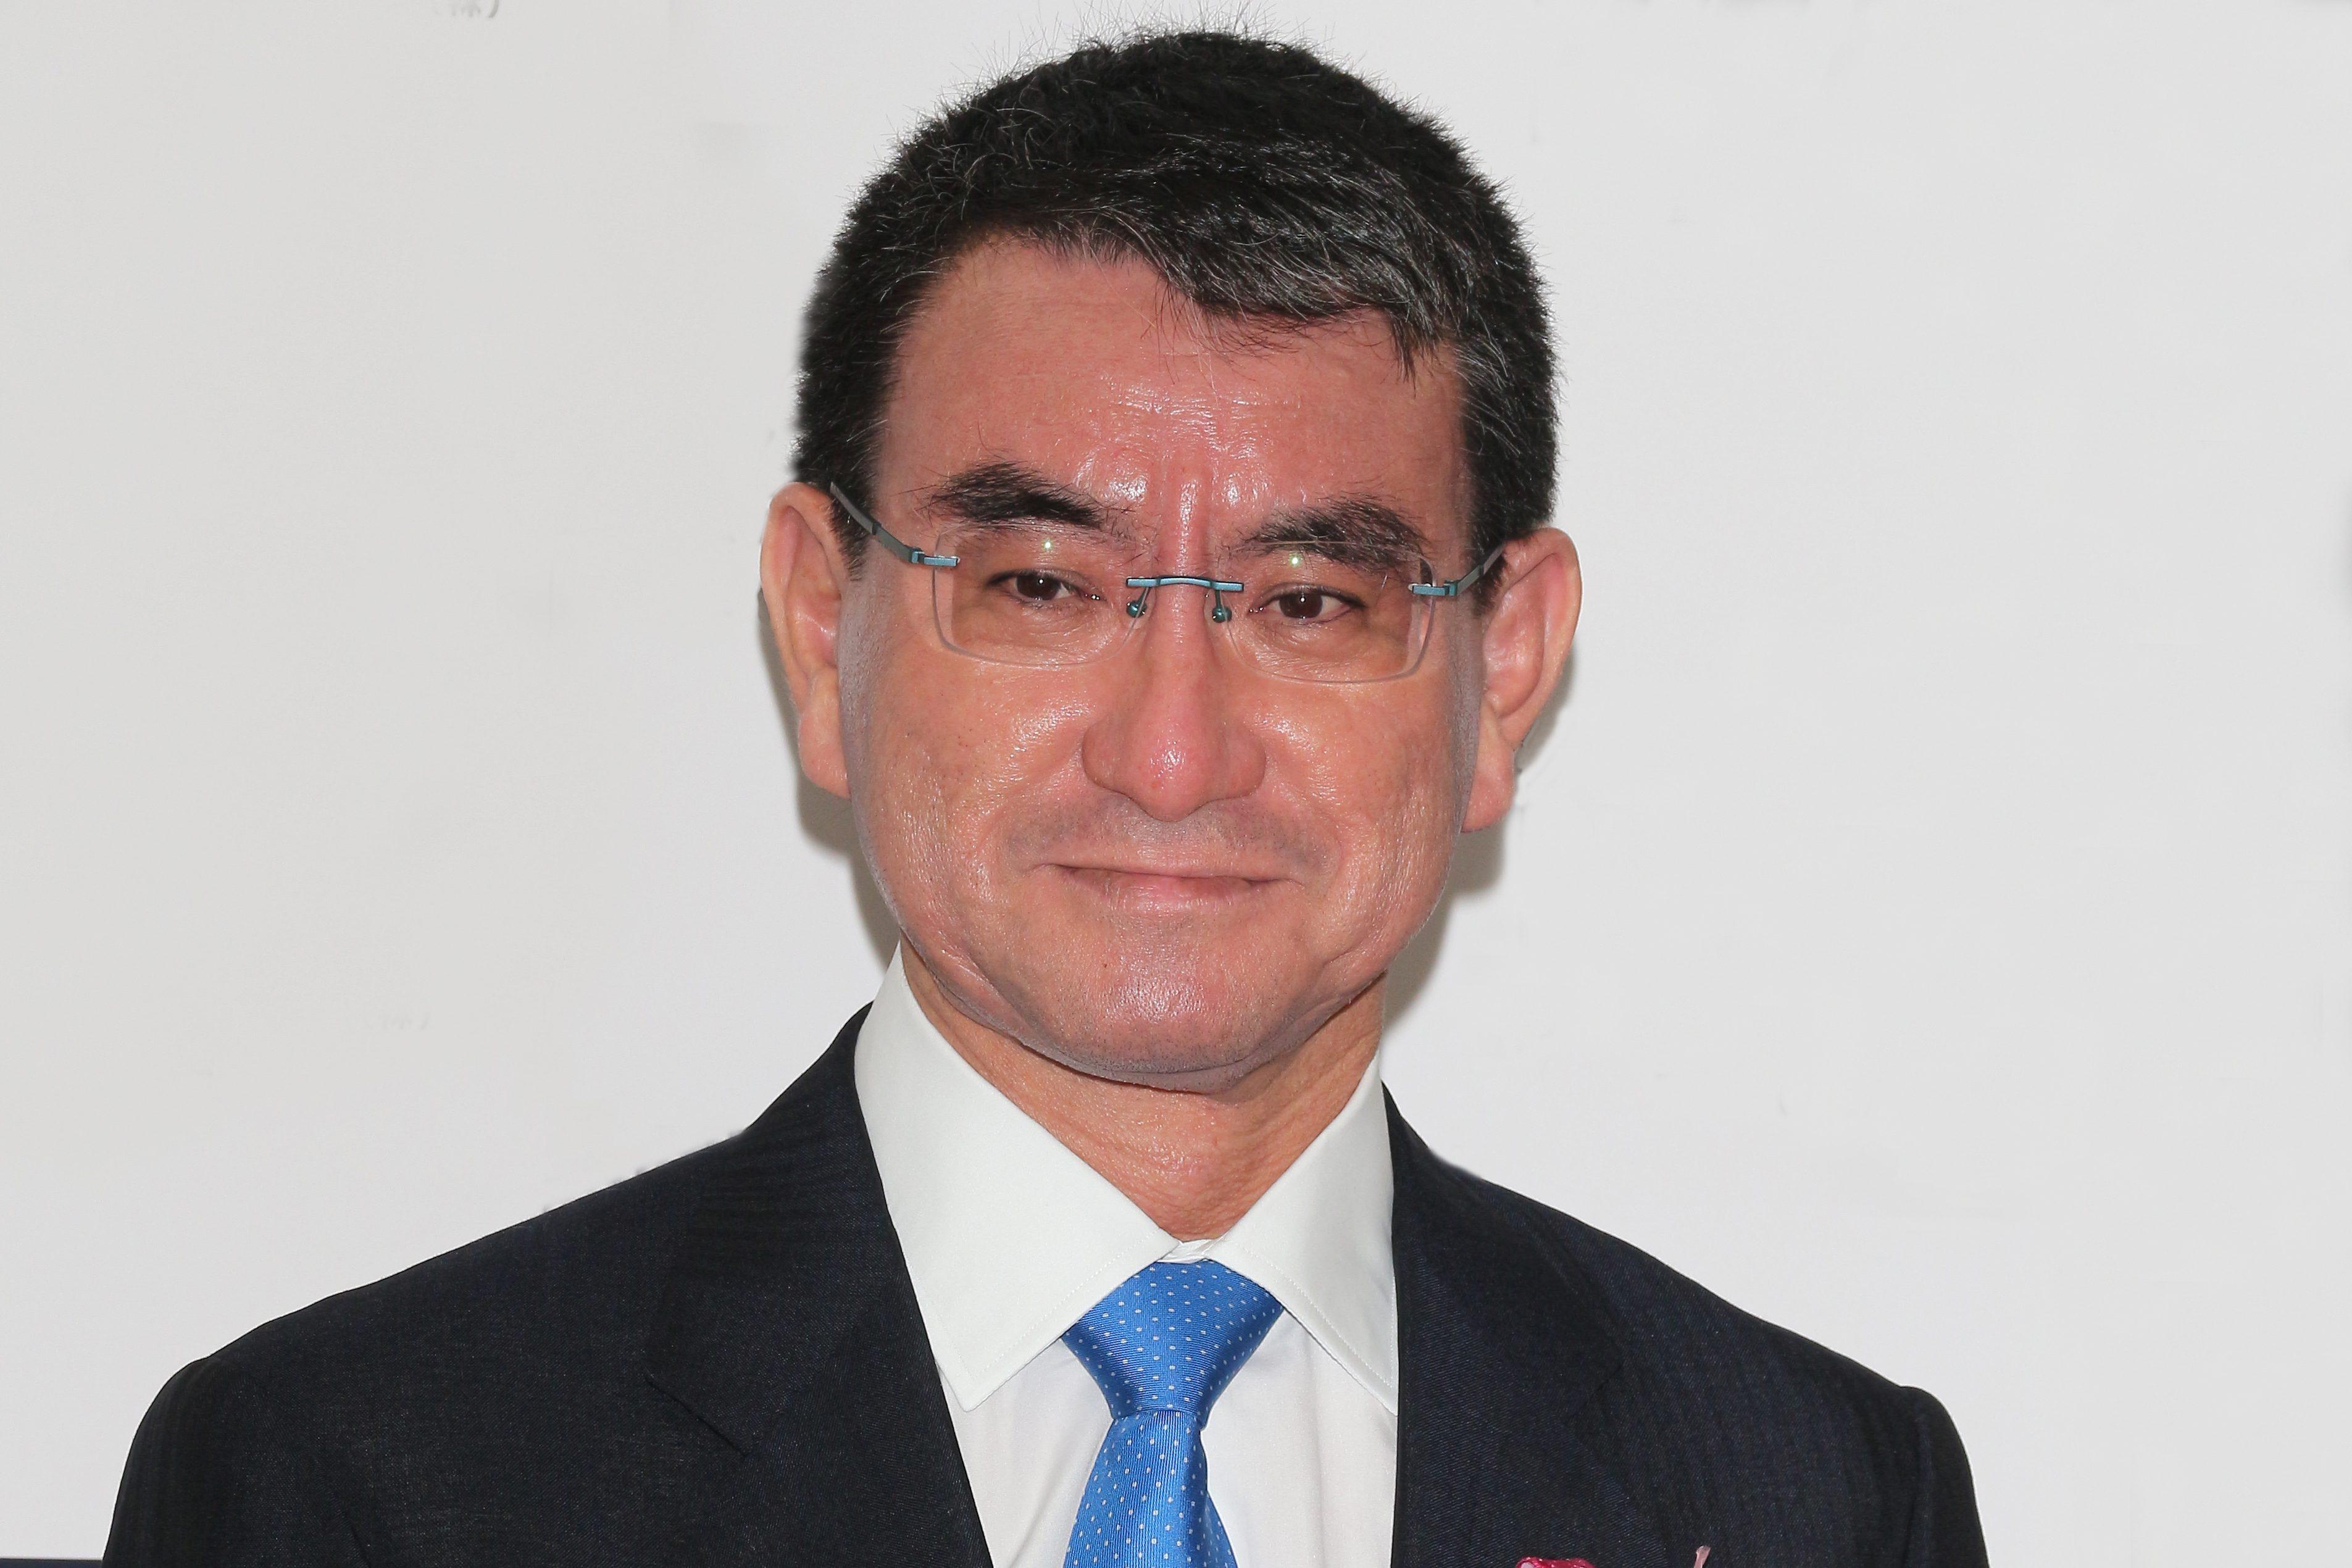 河野太郎・自由民主党・衆院議員